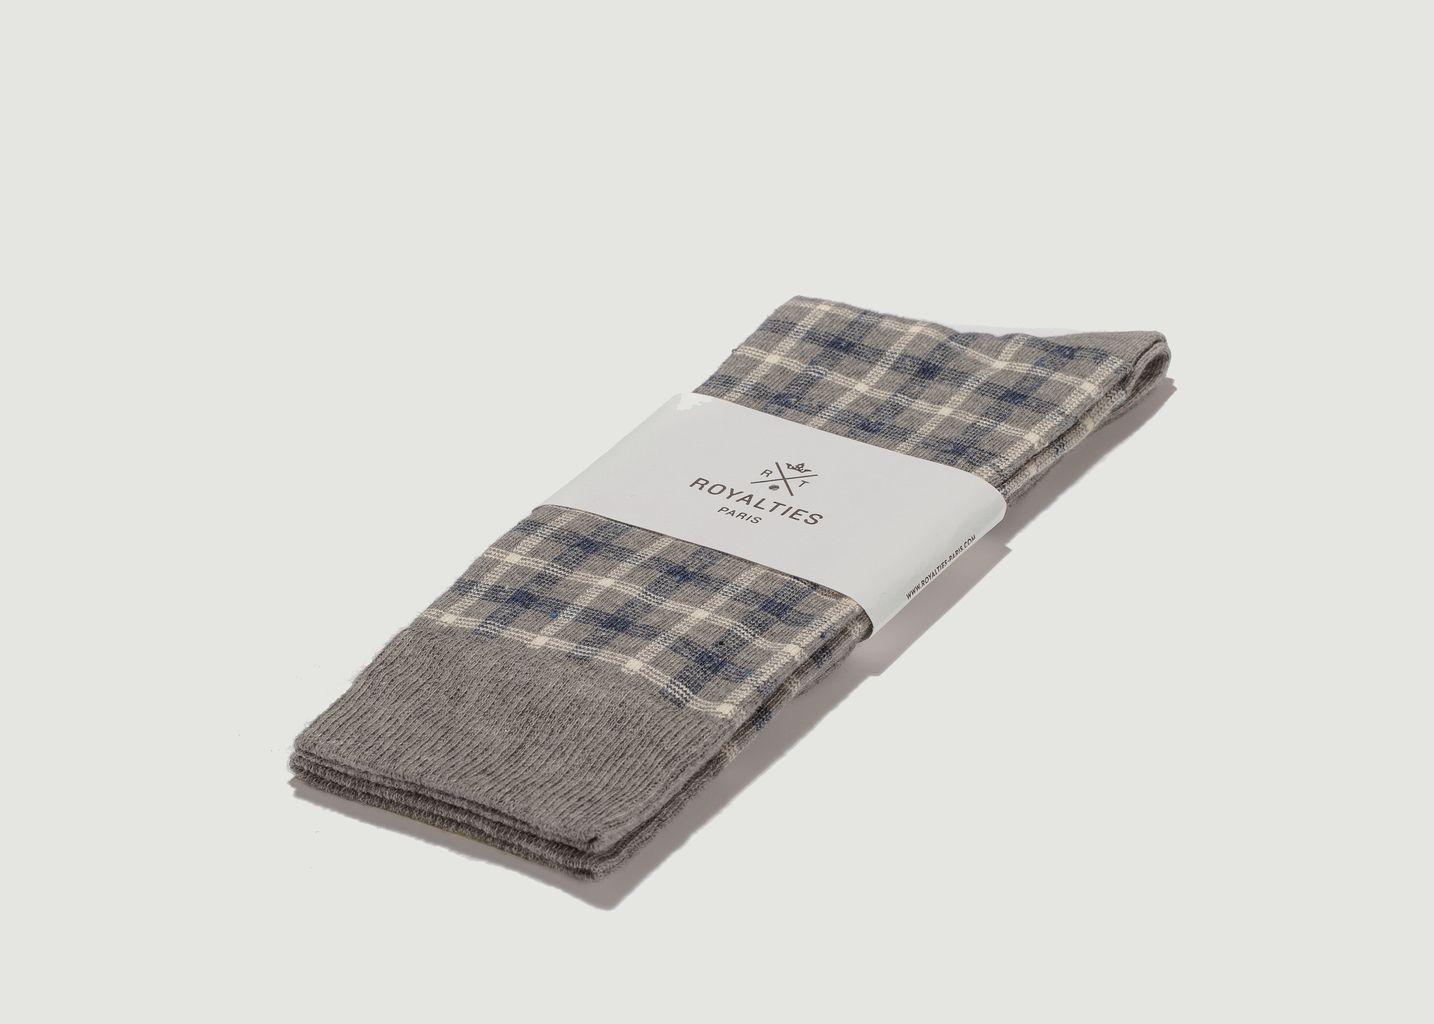 Chaussettes Greg à Carreaux - Royalties